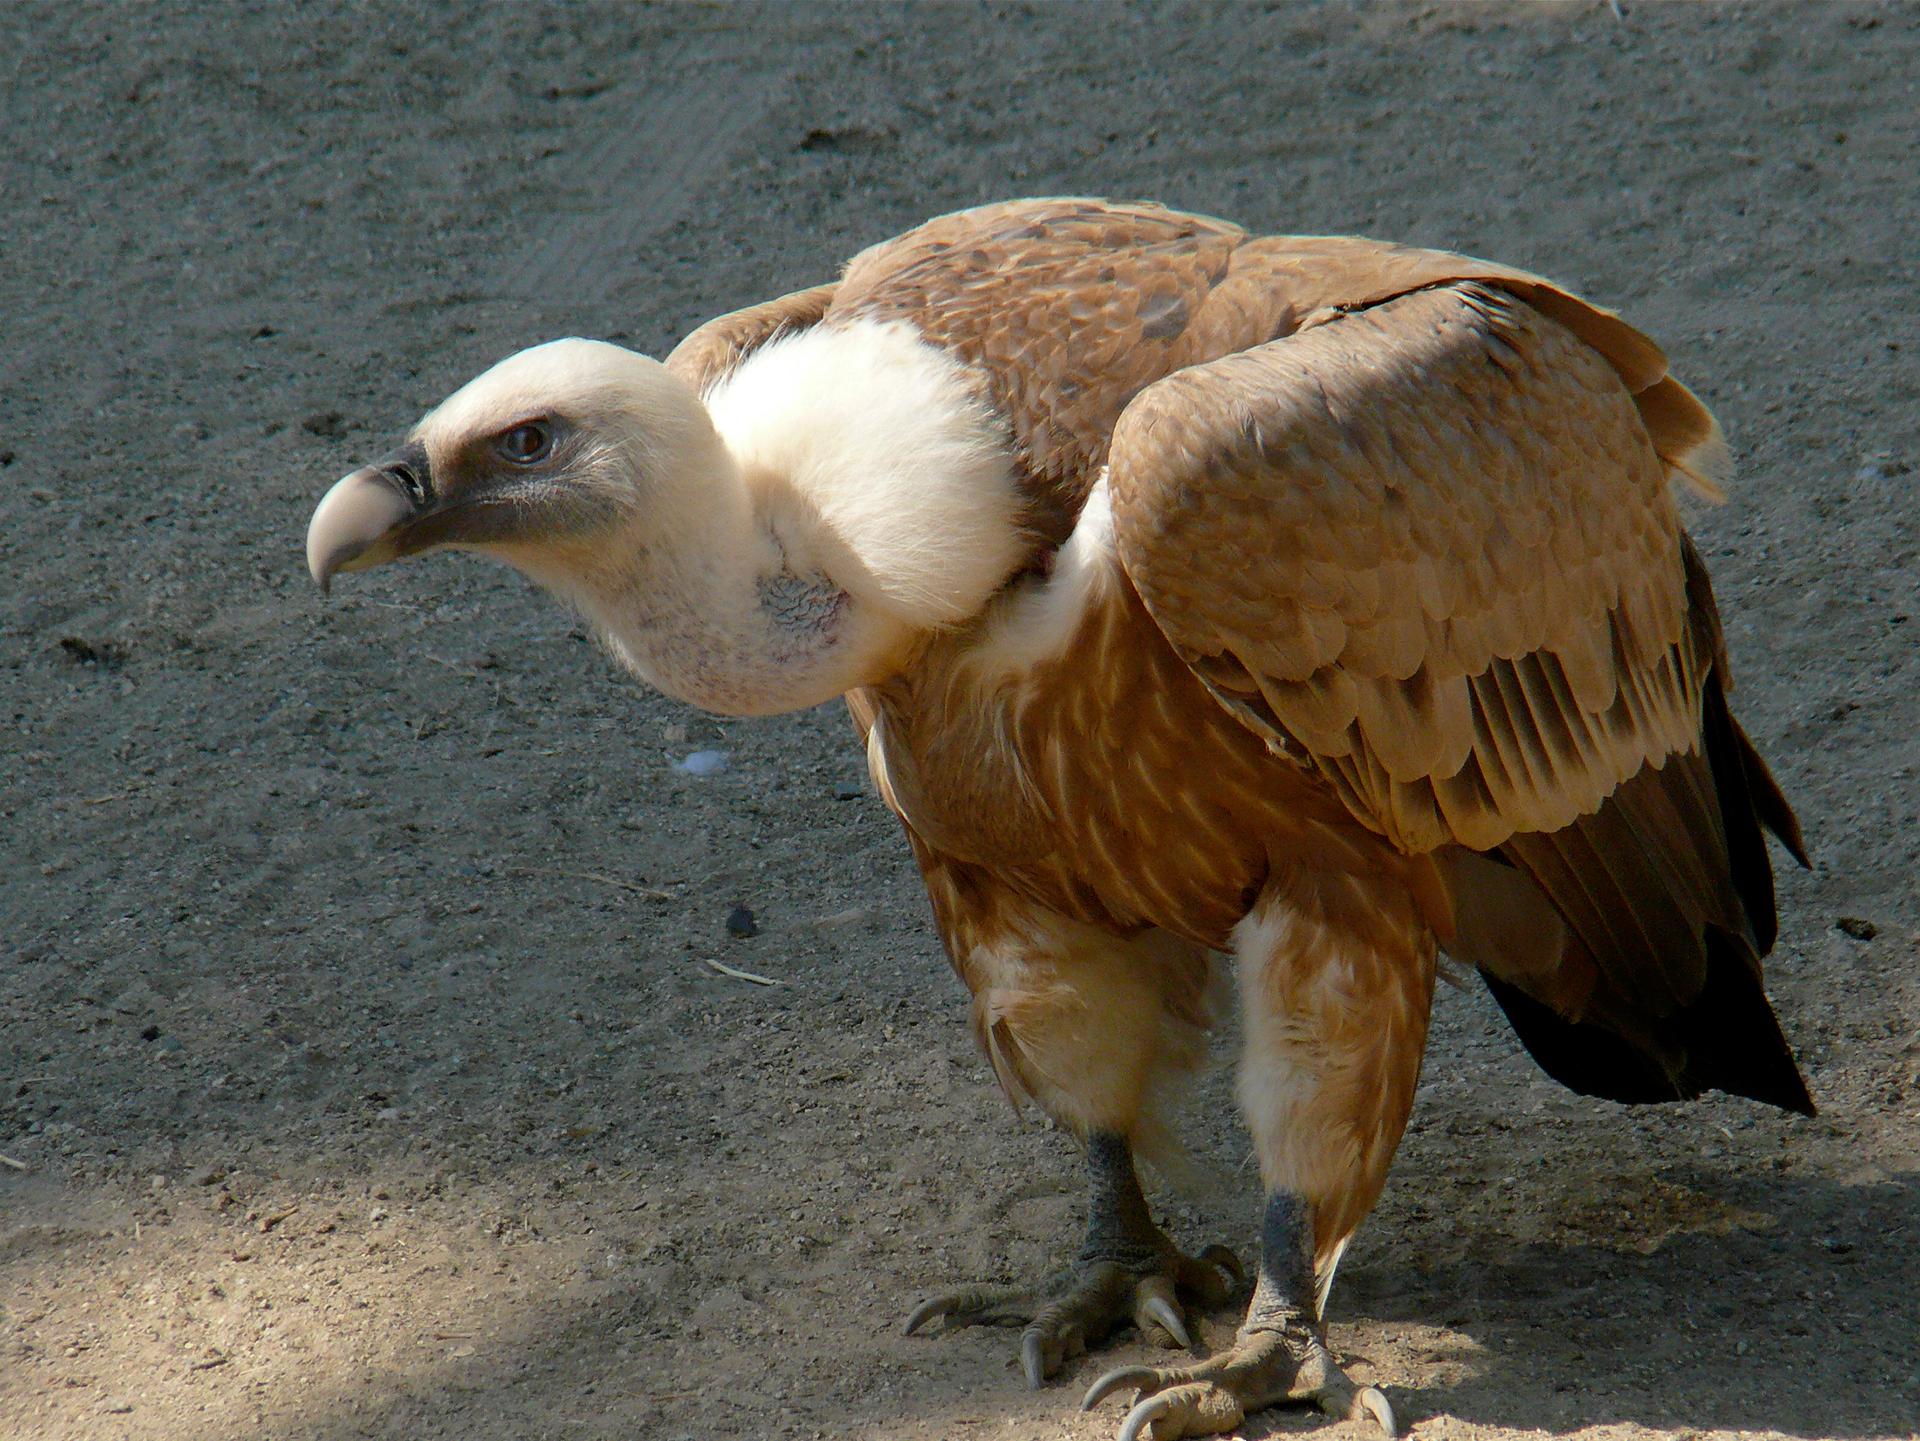 Fotografia przedstawia dużego, brązowego ptaka, stojącego na ziemi. Ma jasną, wygiętą szyję imasywny, szary dziób. Głowę ma skierowaną wlewo. To sęp płowy.